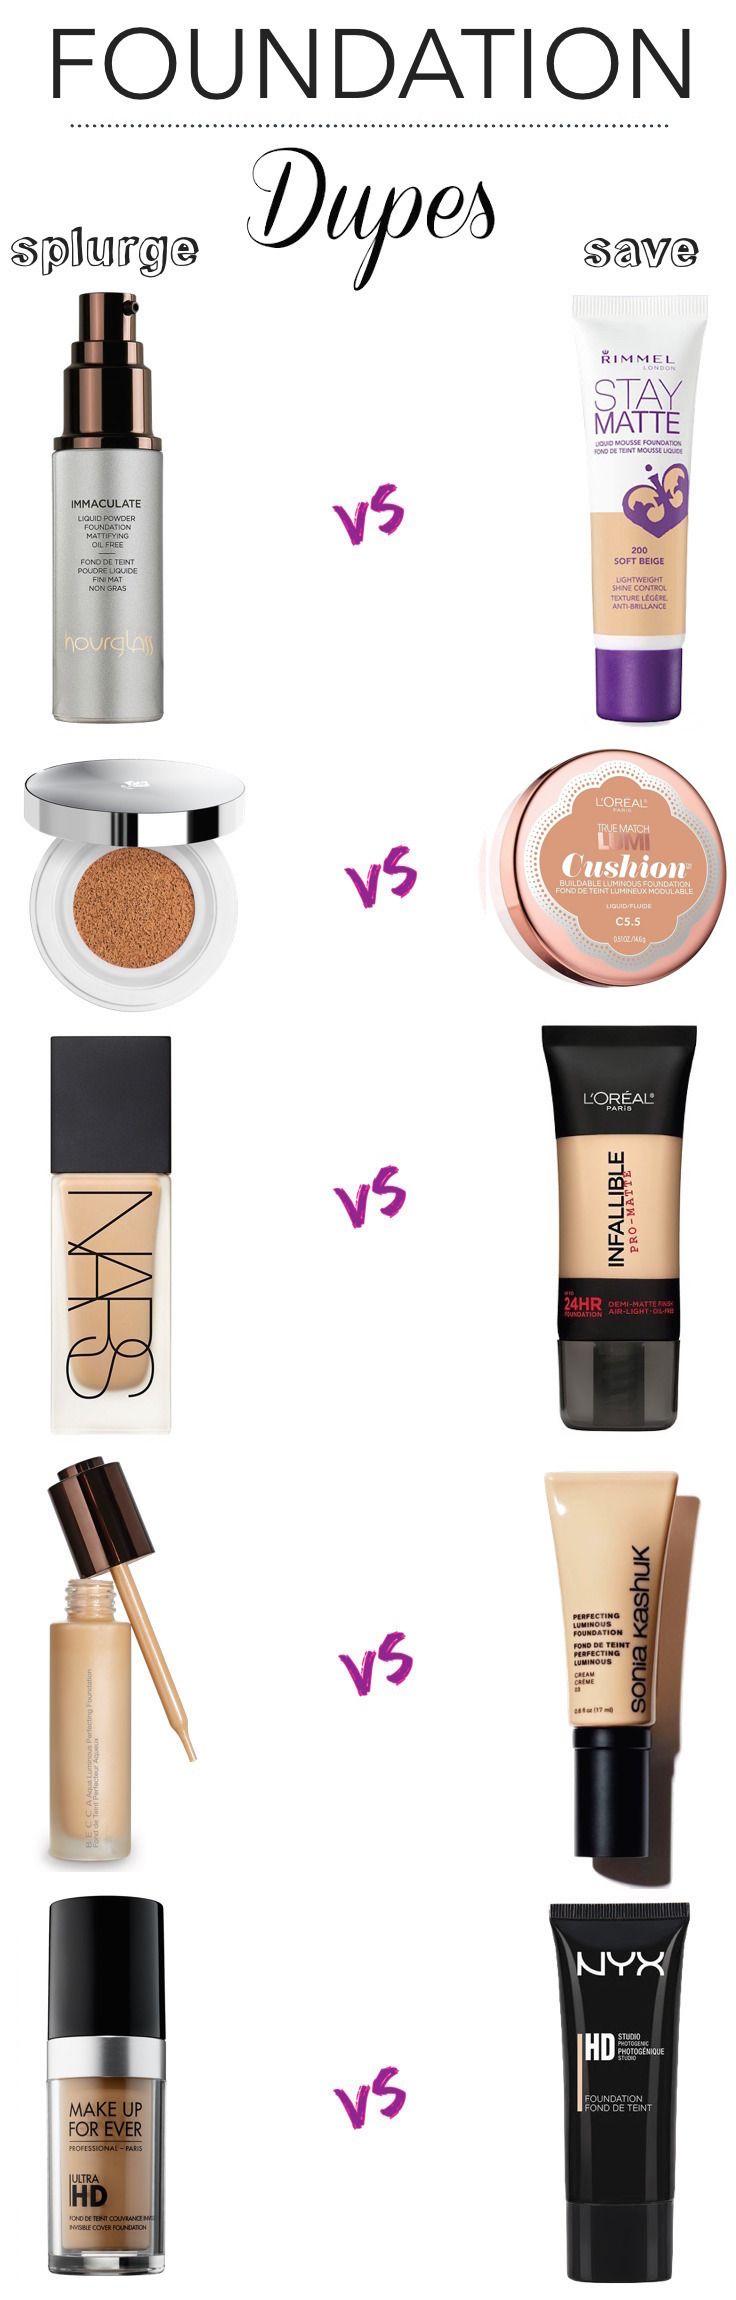 Splurge vs. Save 10 Amazing Foundation Dupes Foundation